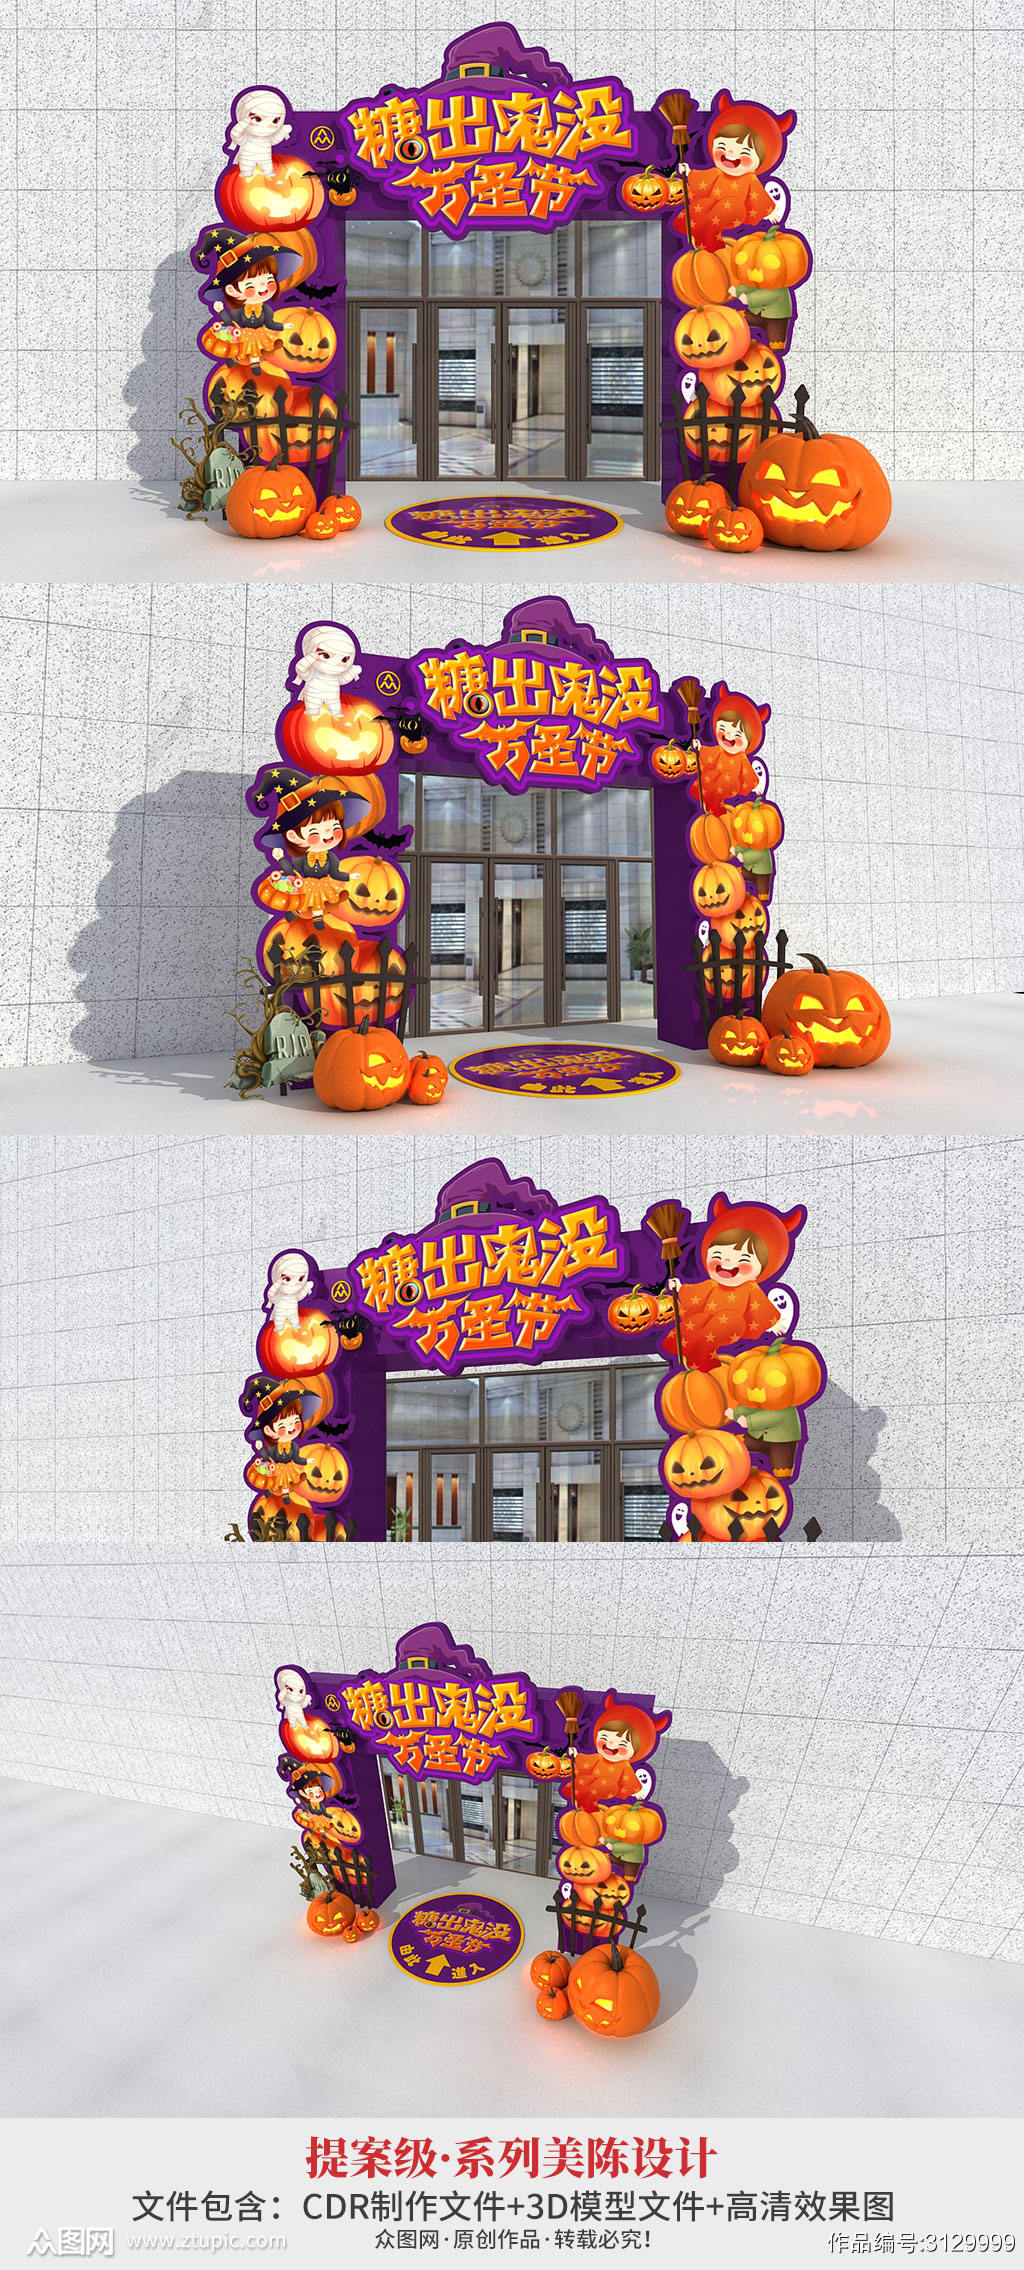 卡通万圣节美陈万圣节门头设计 拱门设计素材